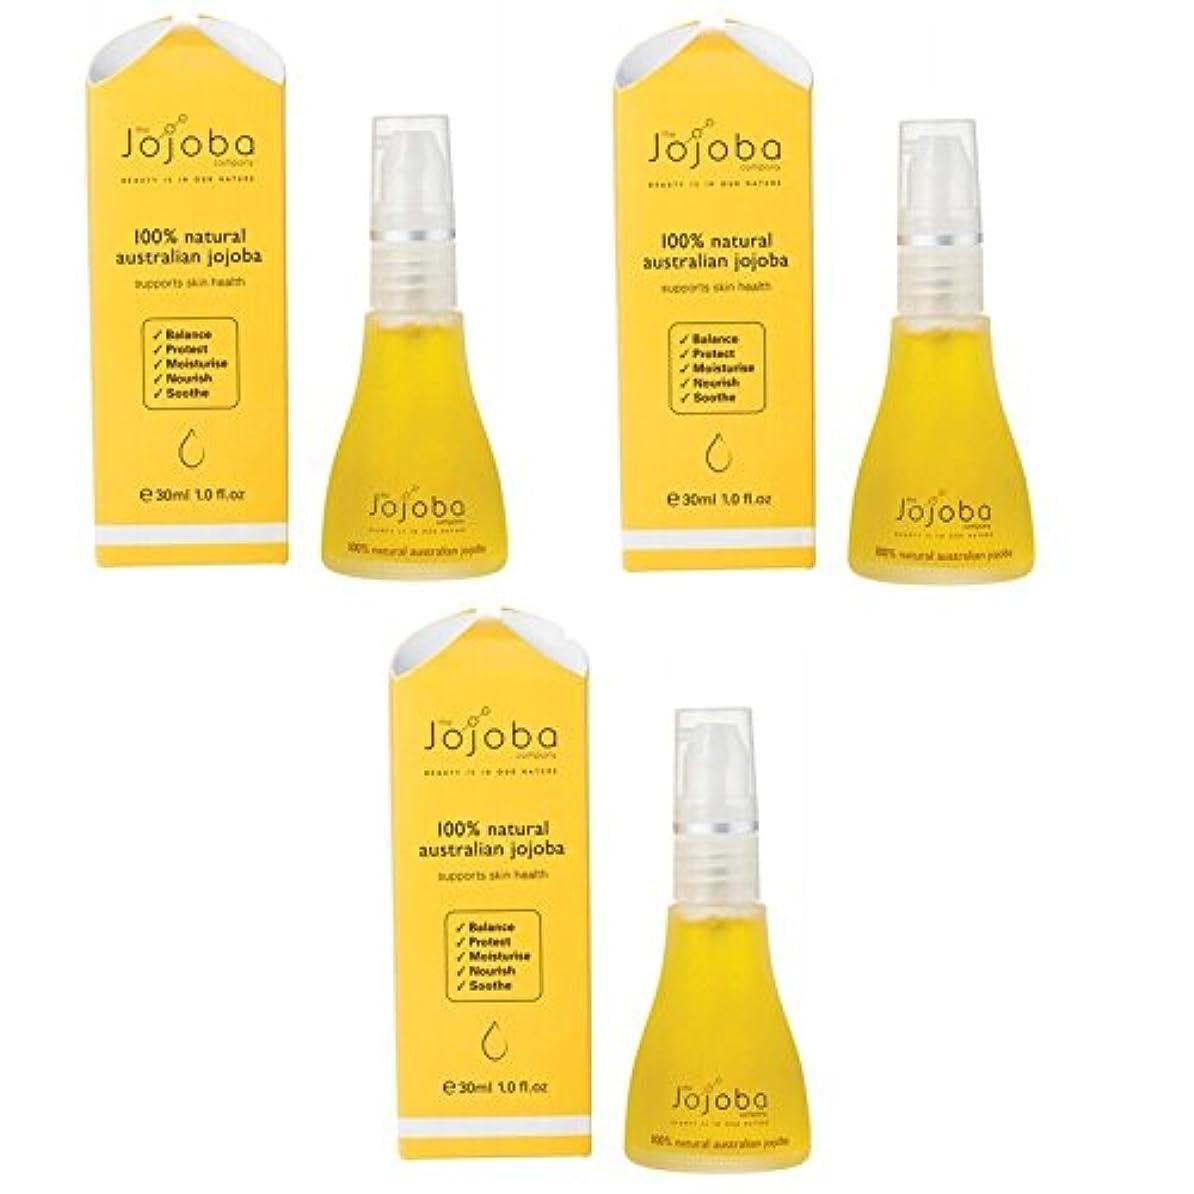 個人的な哲学博士段階the Jojoba Company 100% Natural Australian Jojoba Oil 30ml 3本セット [海外直送品]